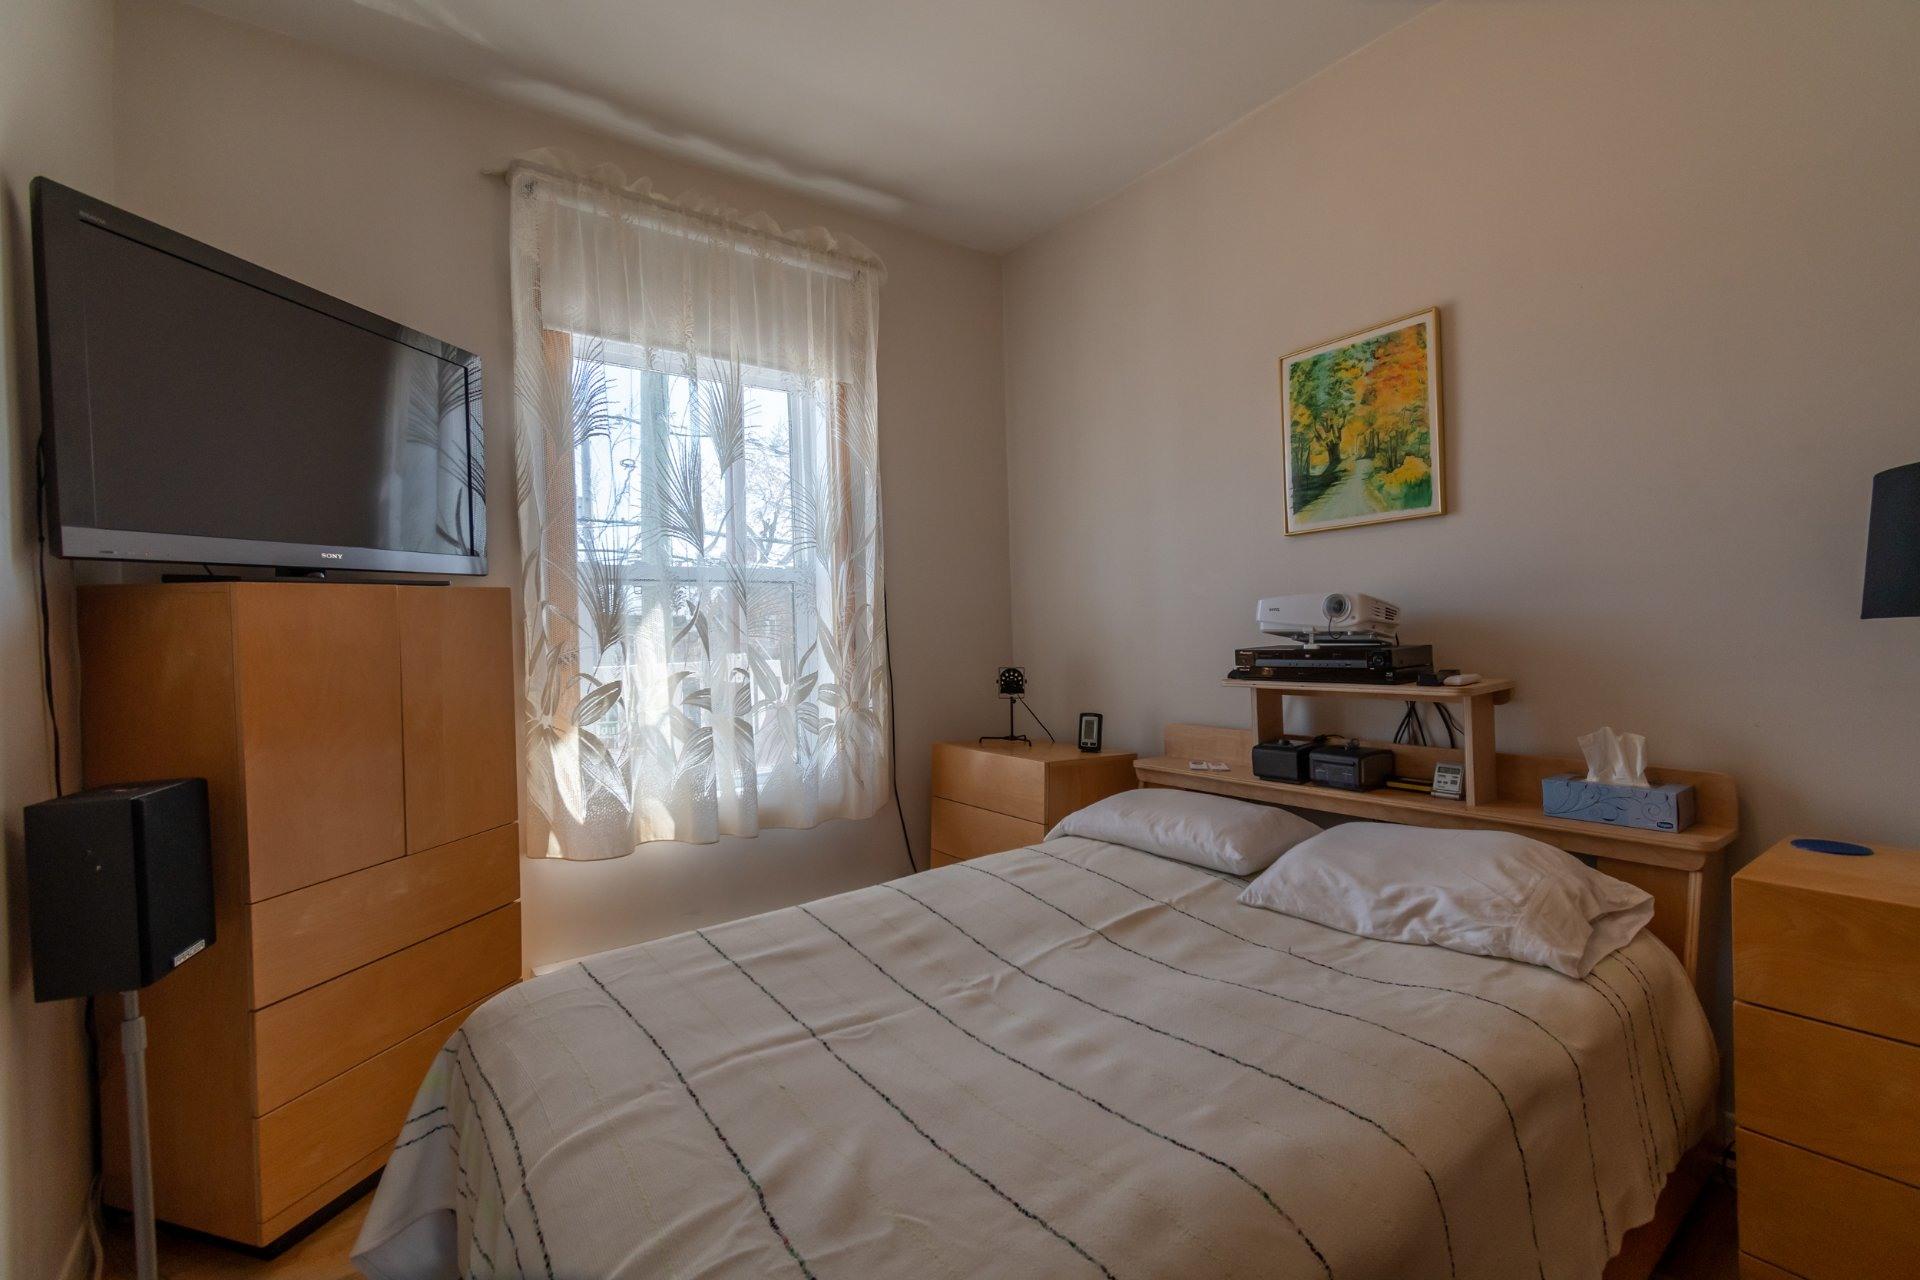 image 7 - Quadruplex À vendre Trois-Rivières - 4 pièces